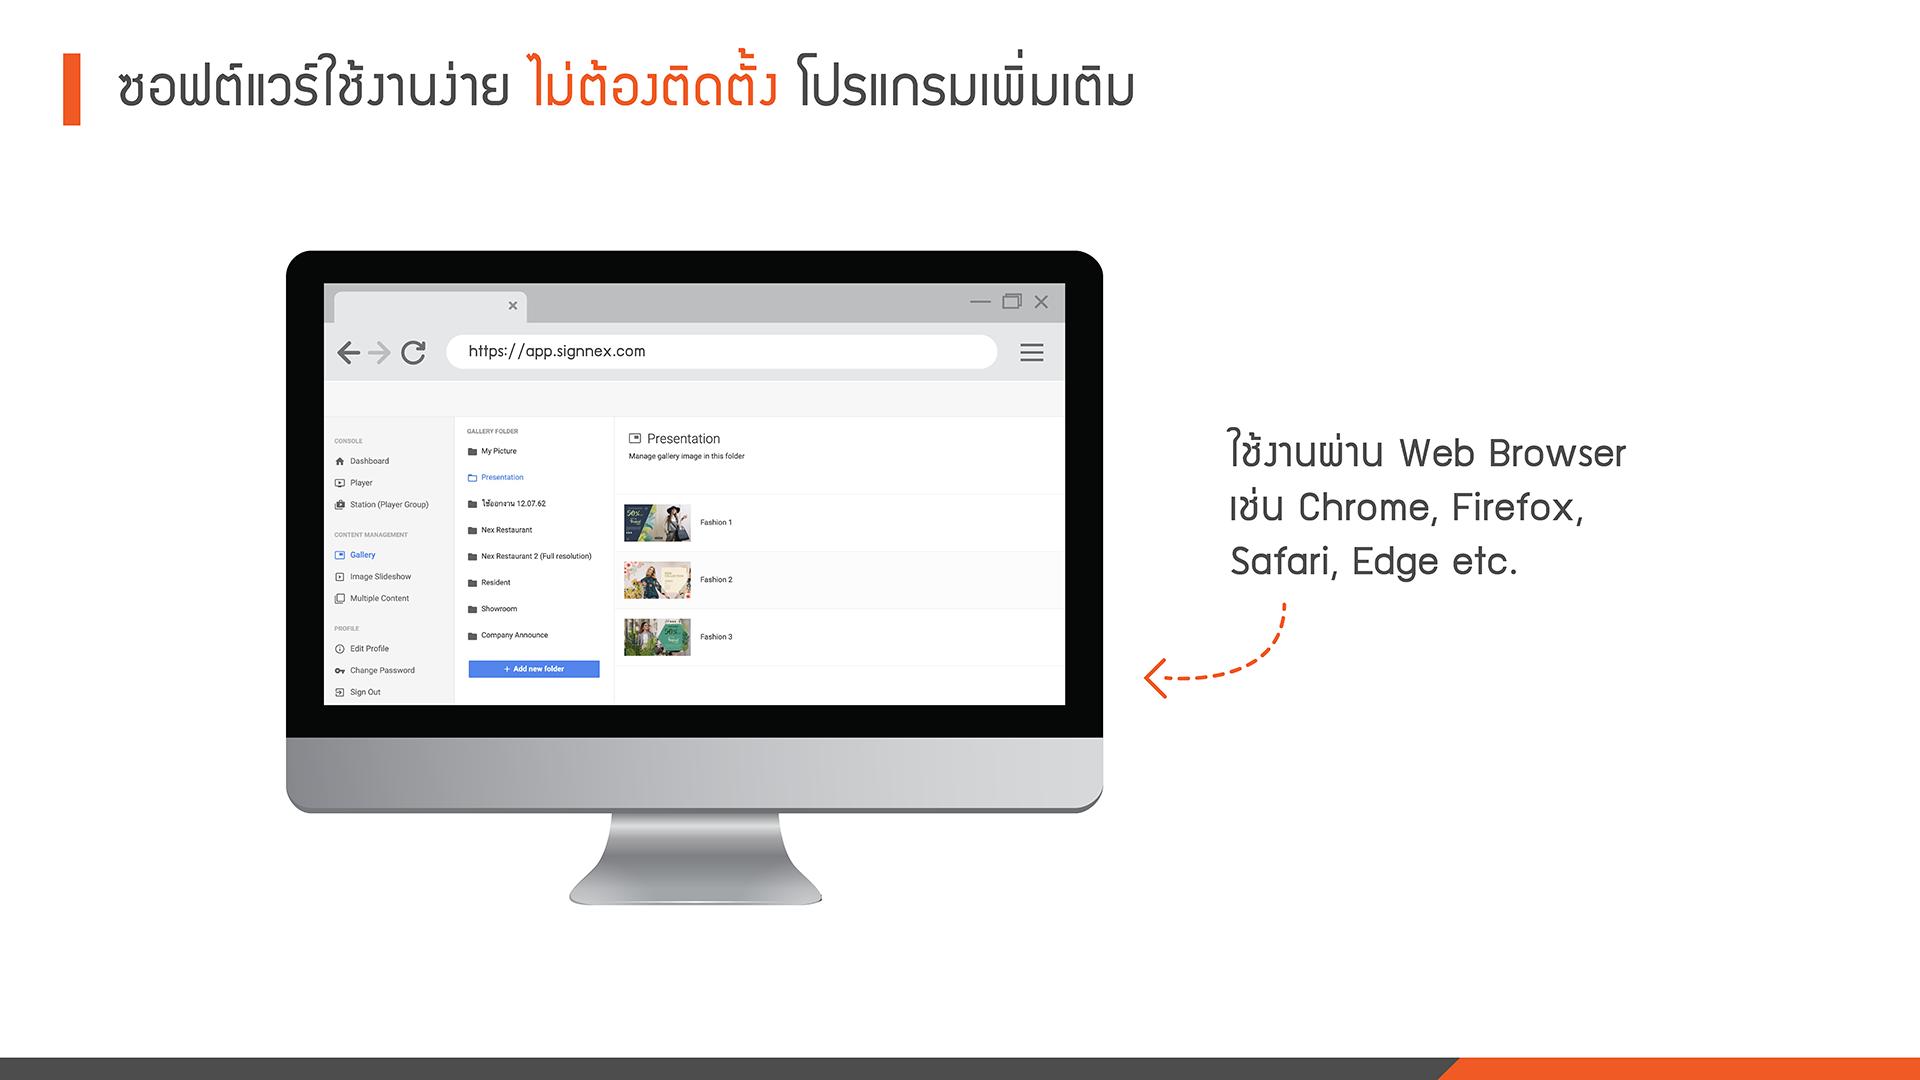 ซอฟต์แวร์ใช้งานง่ายผ่าน Web Browser